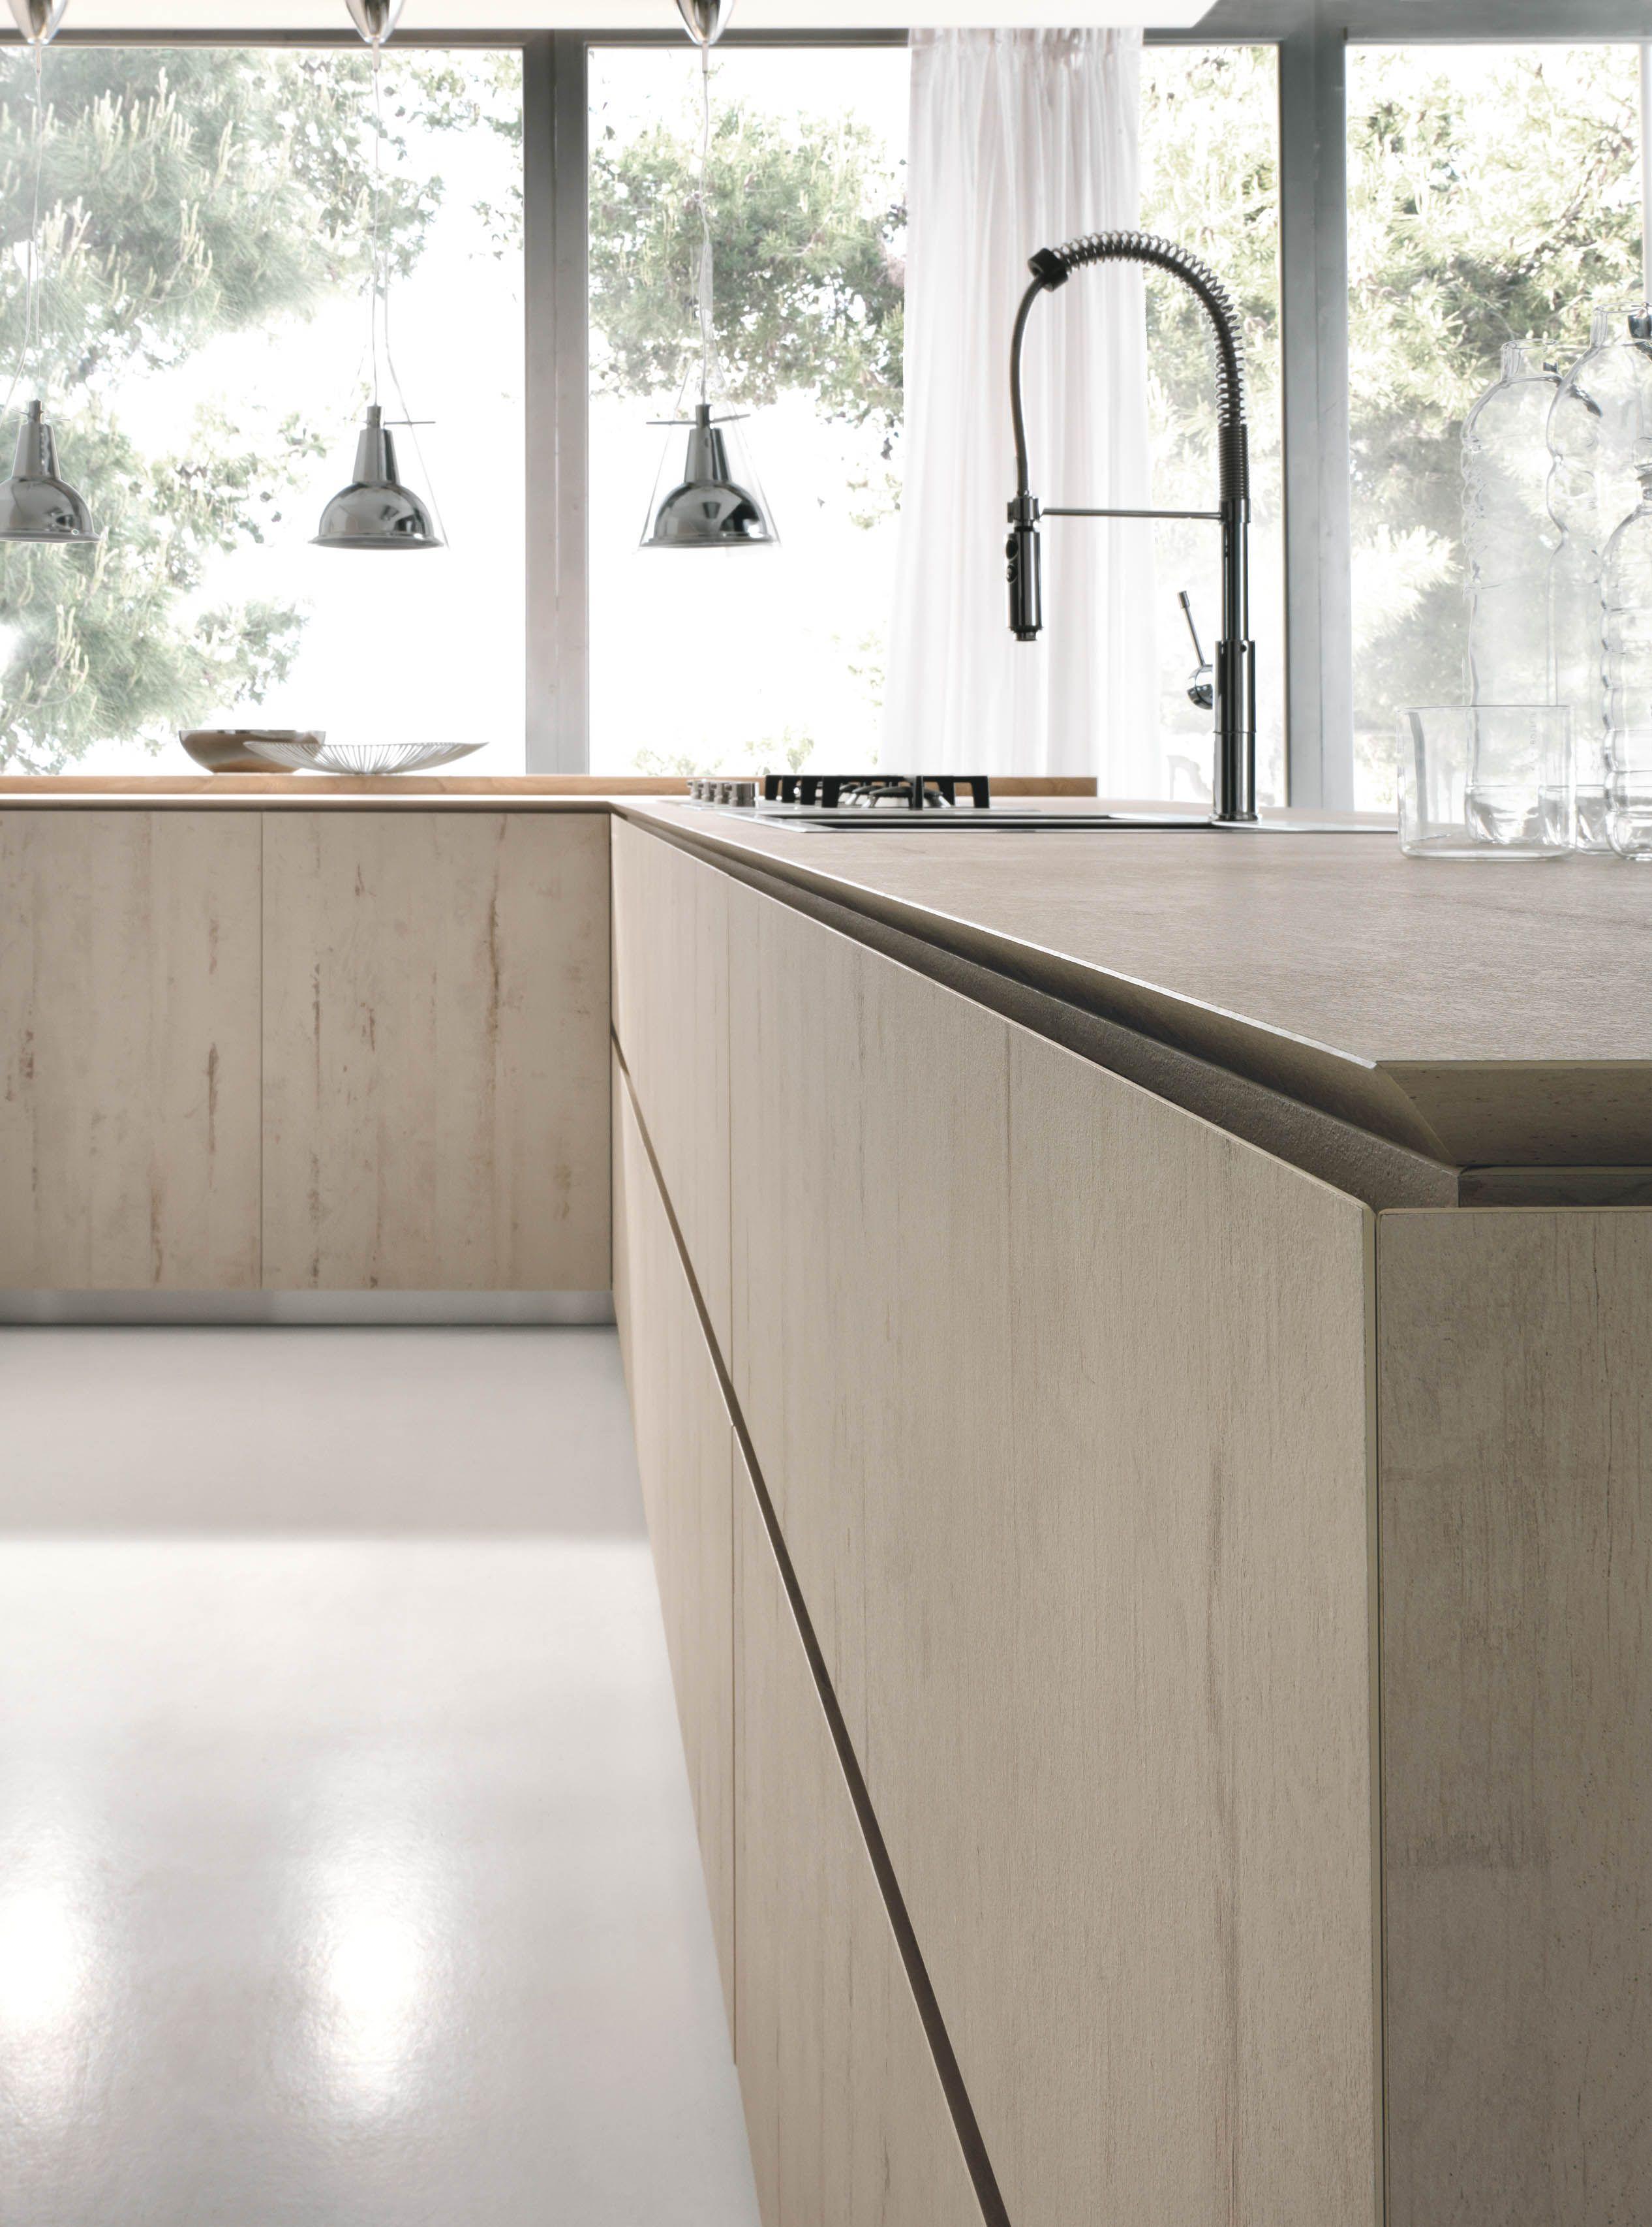 Aster | Modello Atelier - Cucine Moderne | home | Pinterest | Aster ...